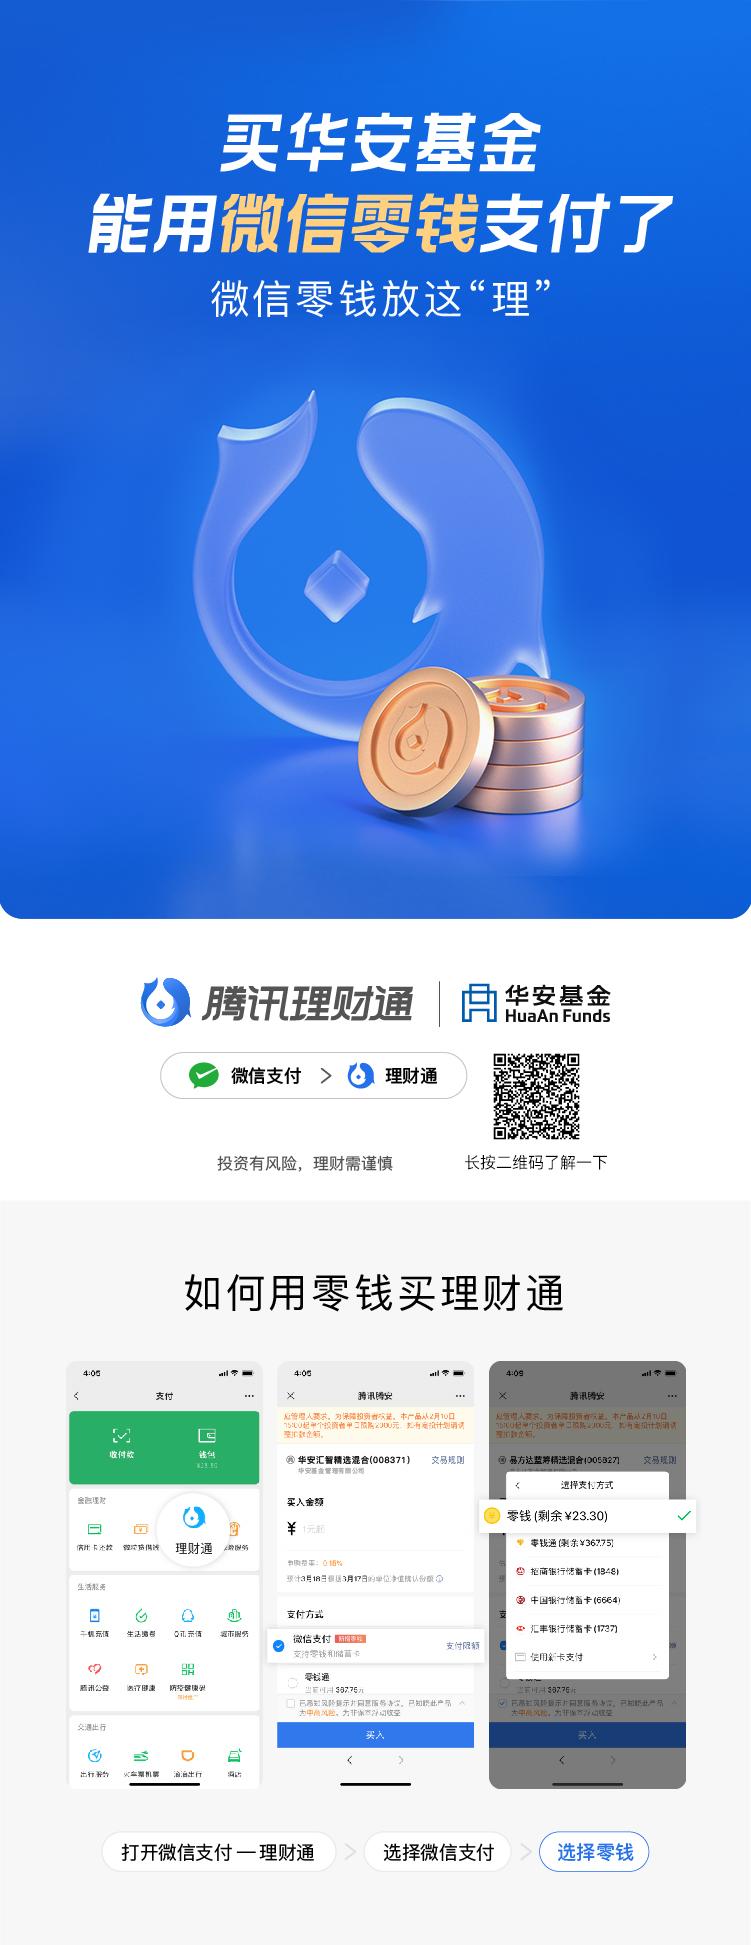 买华安基金,能用微信零钱支付了!